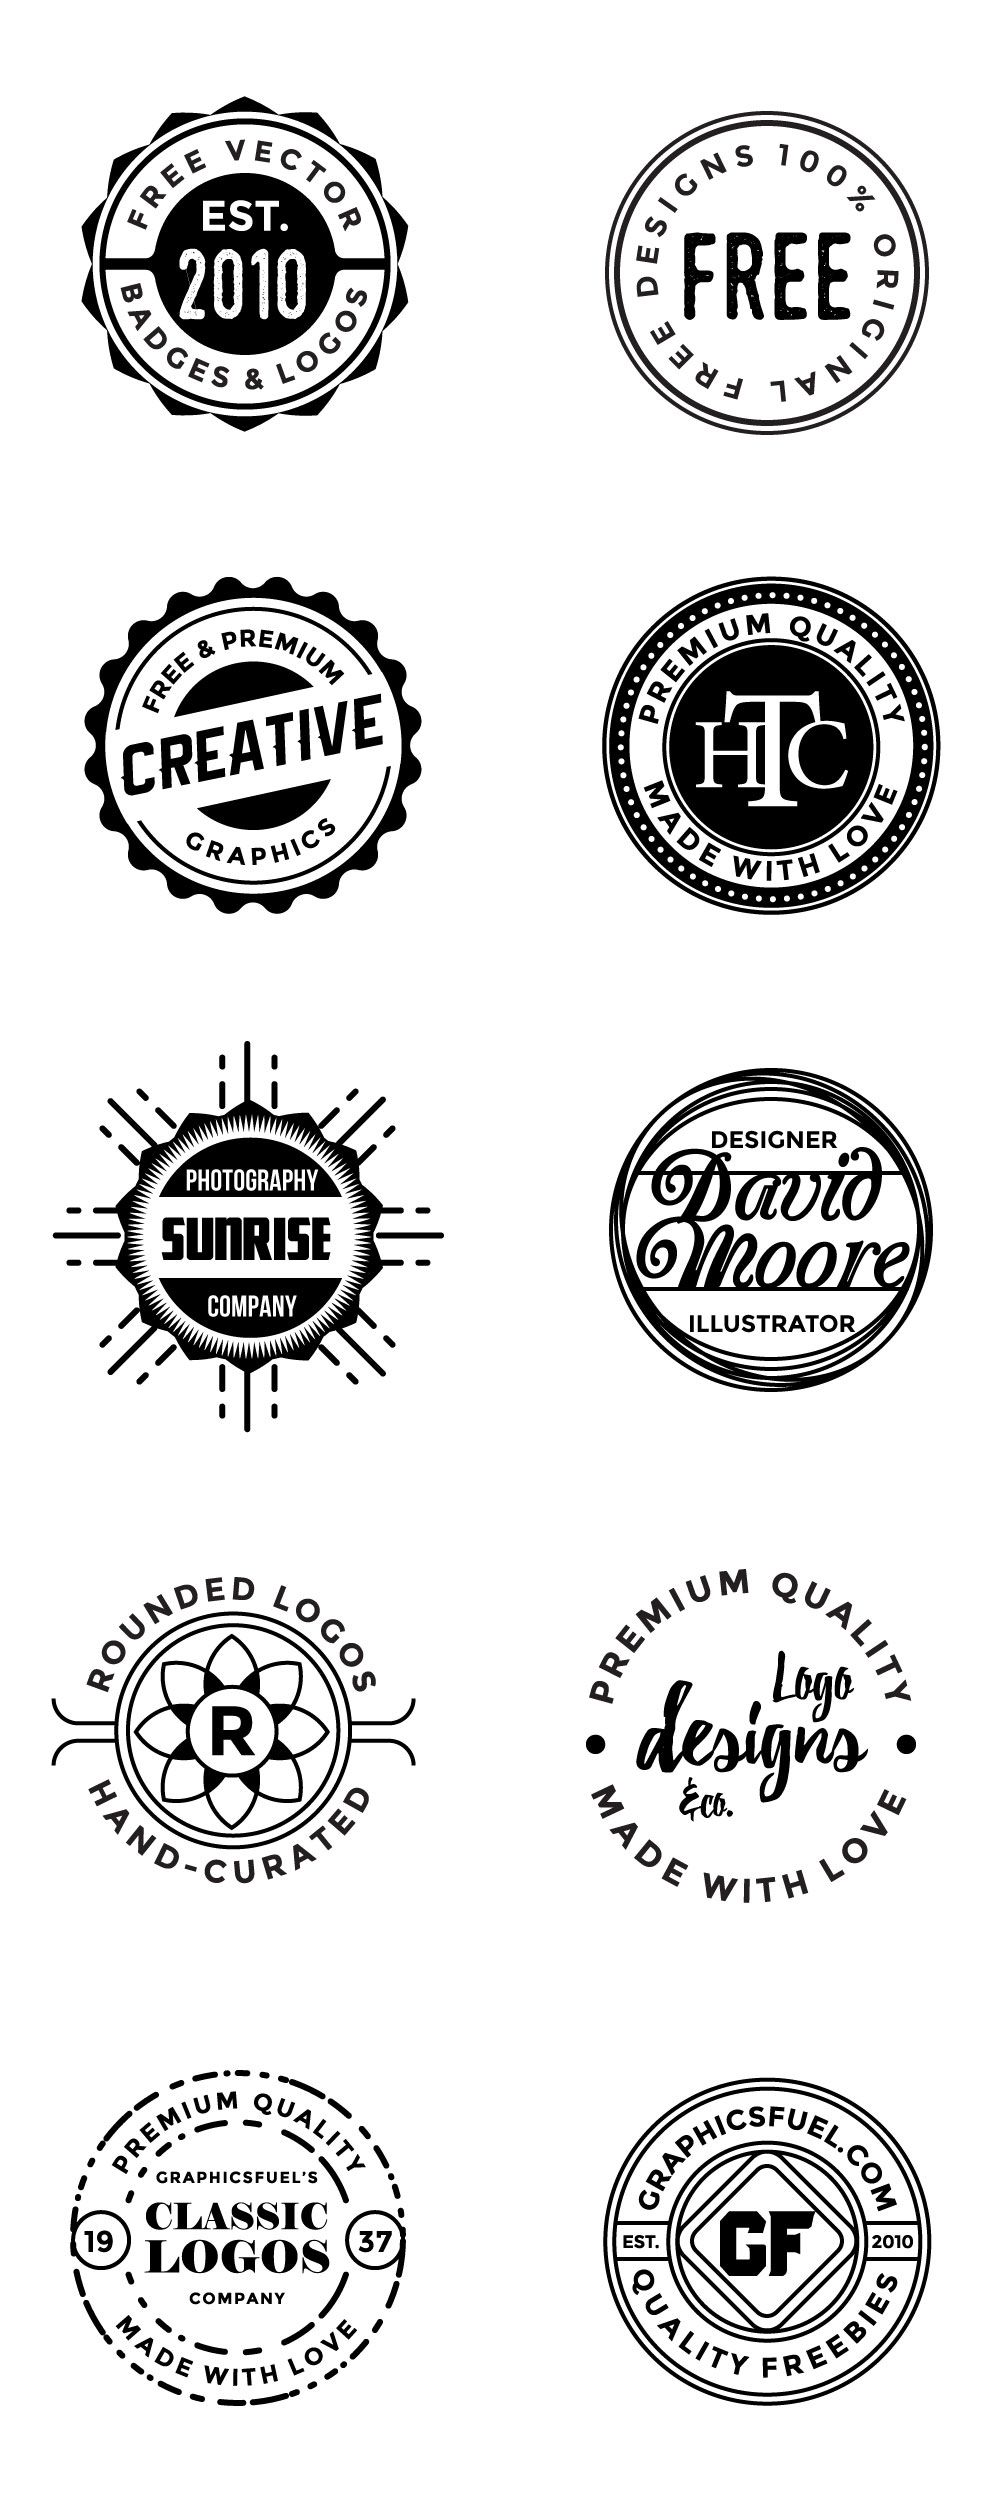 Free Circular logos And Badges Circular logo, Round logo